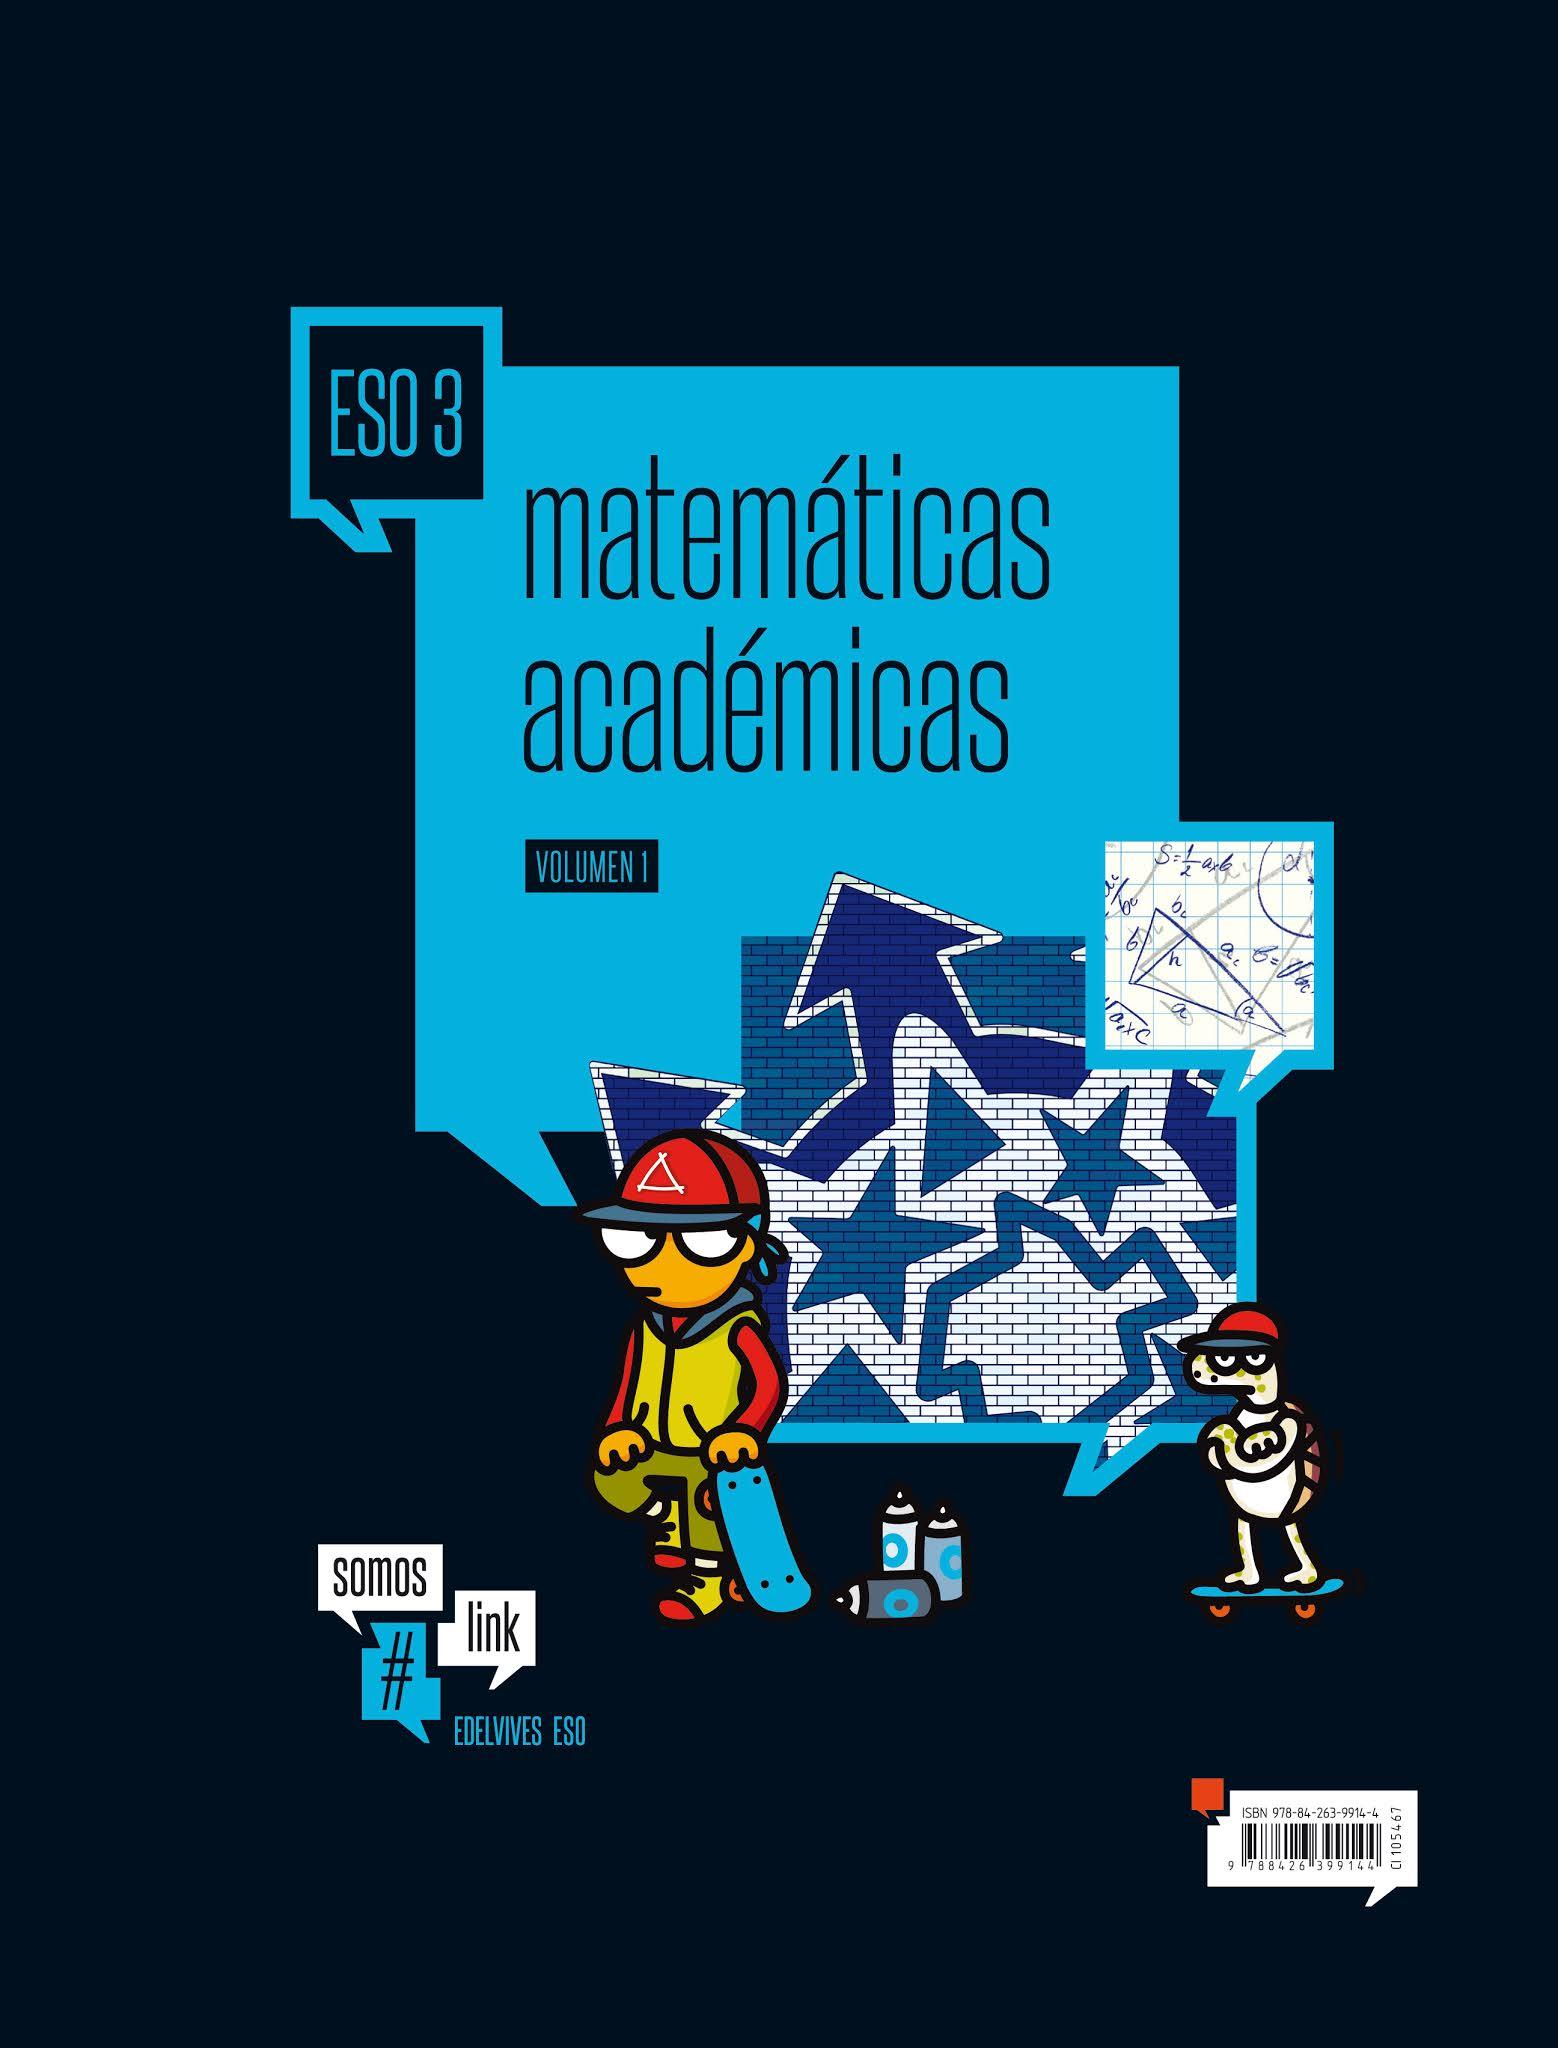 Libro Matemáticas Académicas 3º ESO Edelvives Proyecto #somoslink